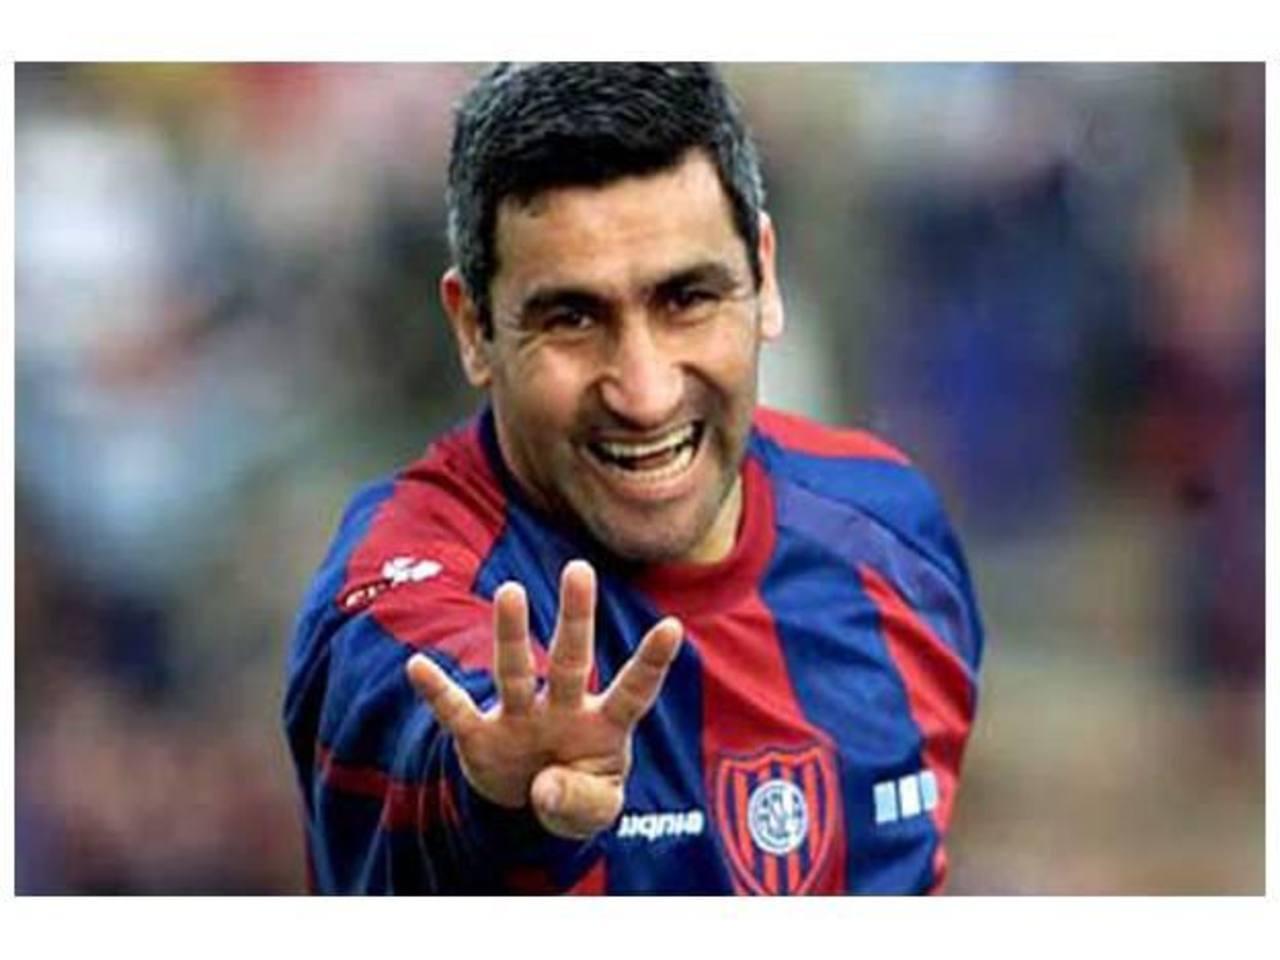 El Beto Acosta es uno de los goleadores históricos de San Lorenzo. Hizo 123 goles con esa camiseta. foto edh /